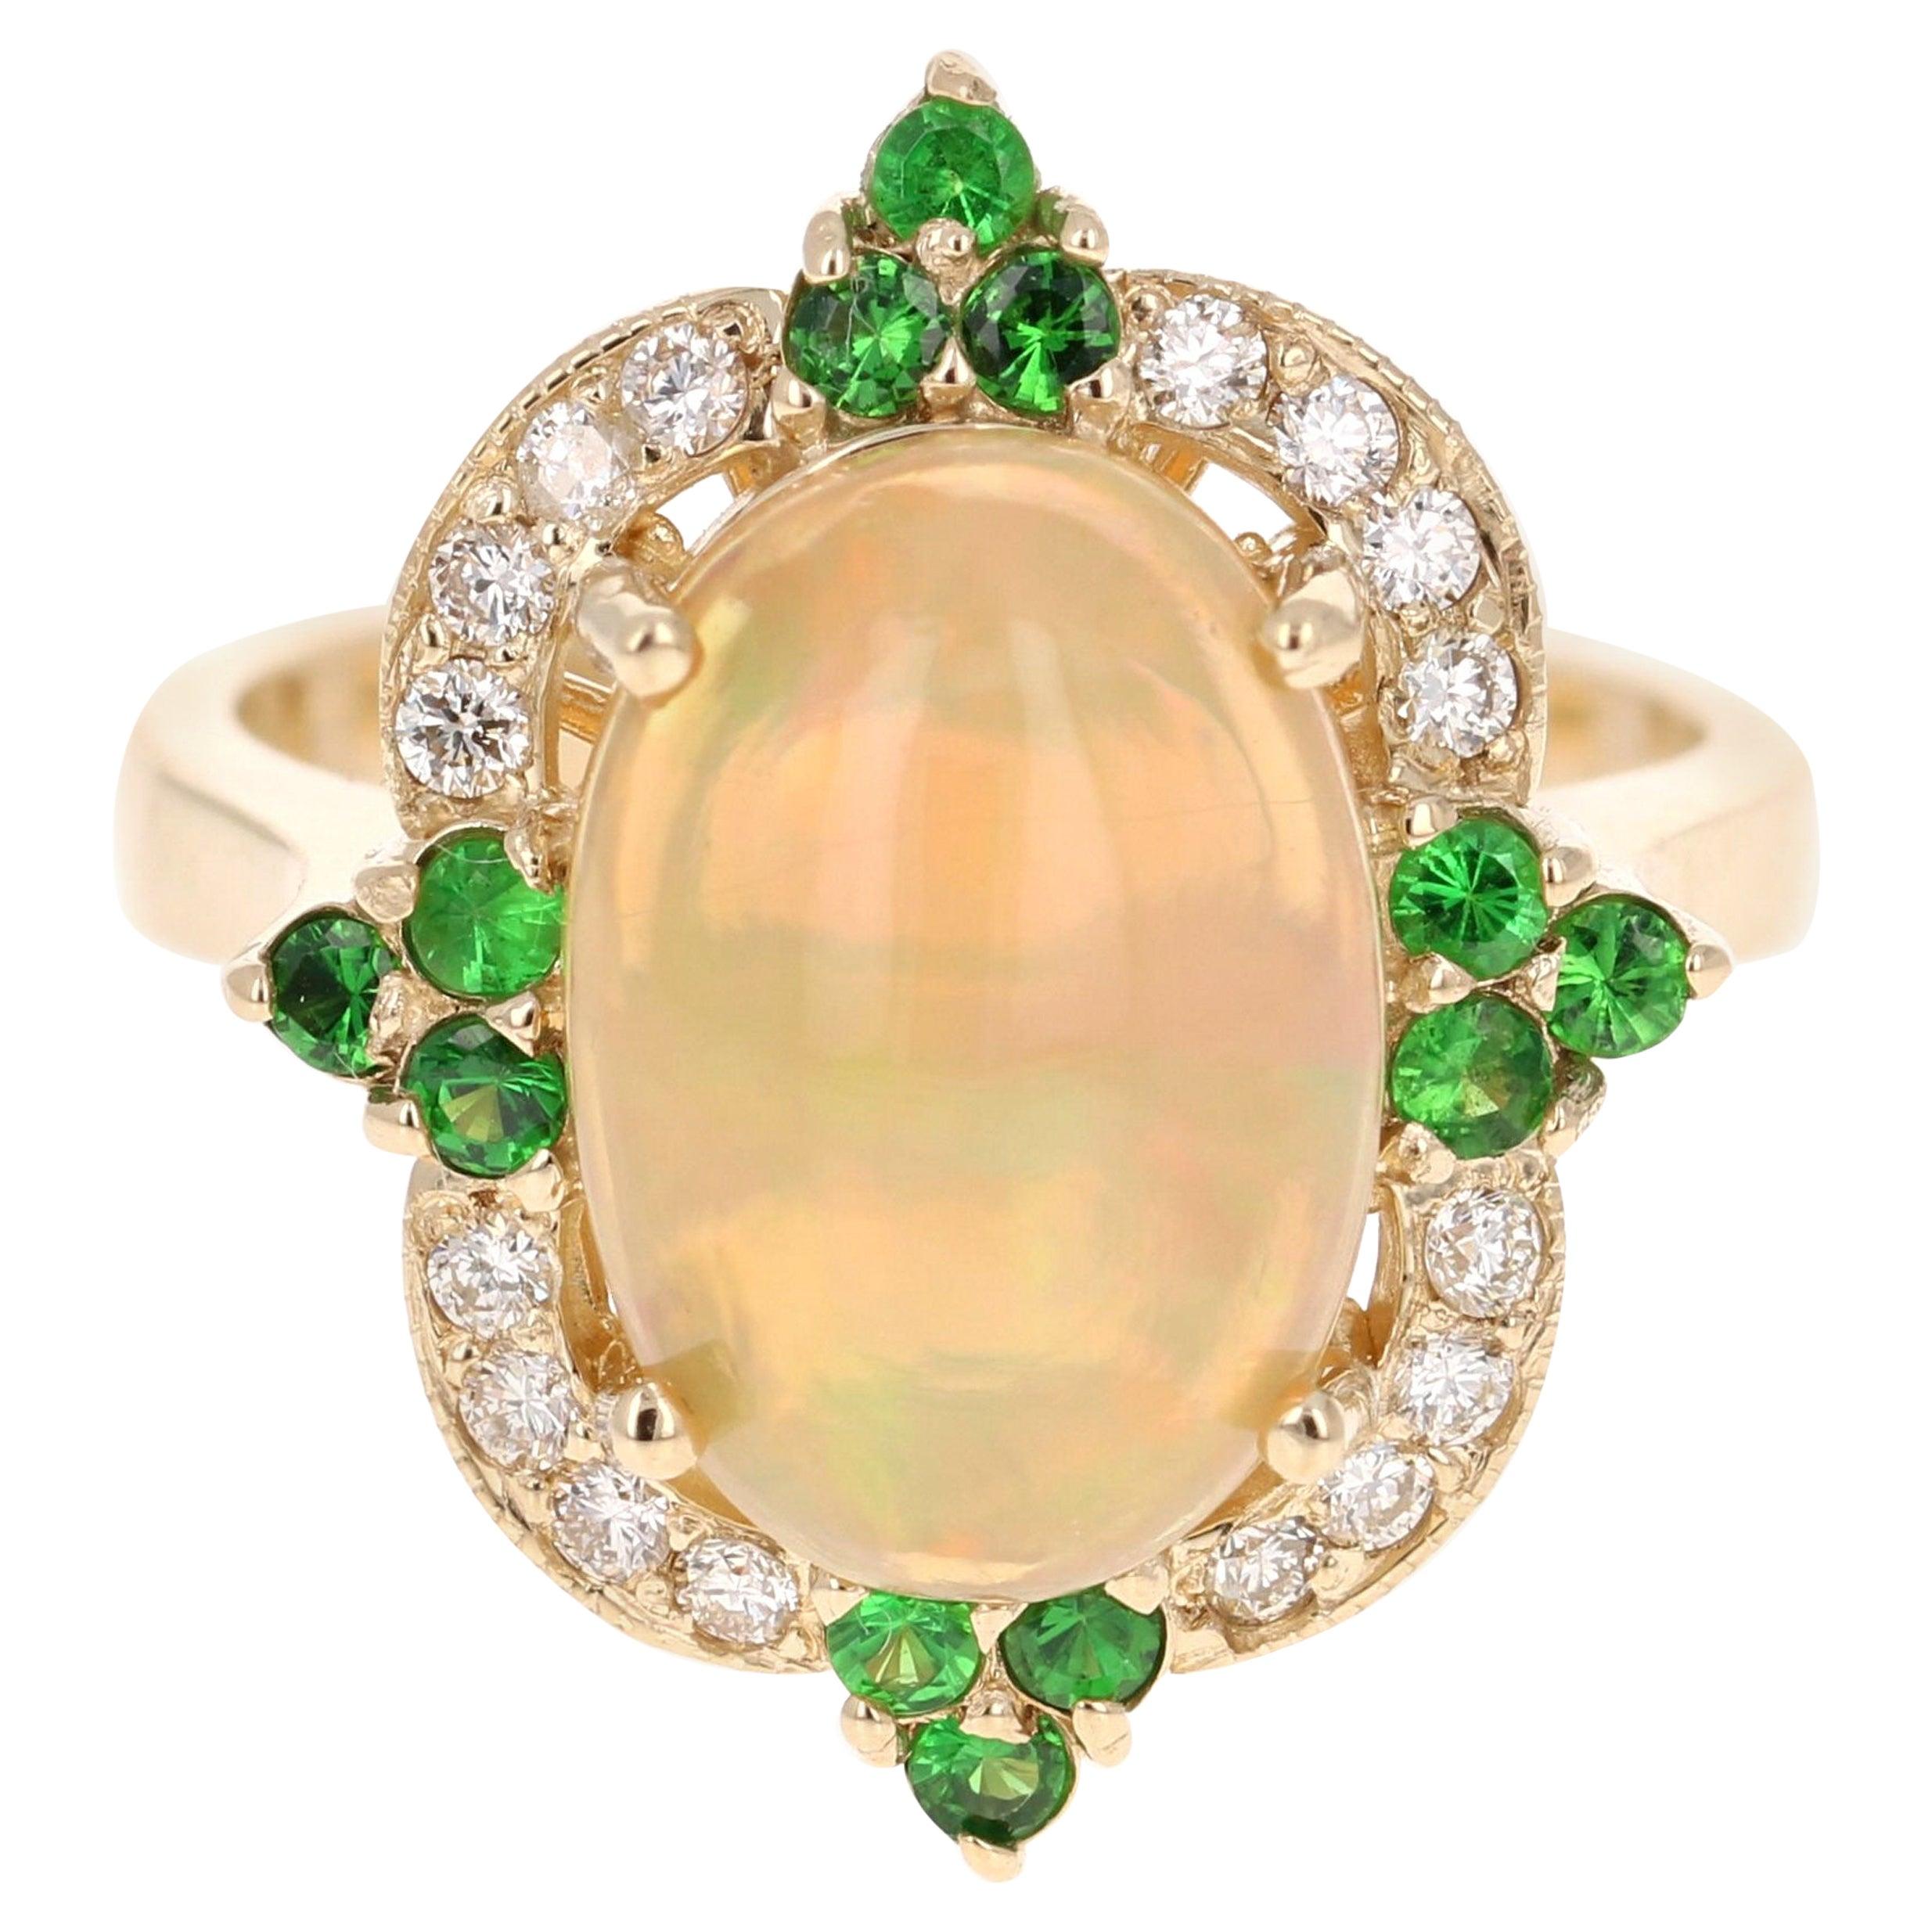 3.42 Carat Opal Tsavorite Diamond Cocktail Ring 14 Karat Yellow Gold